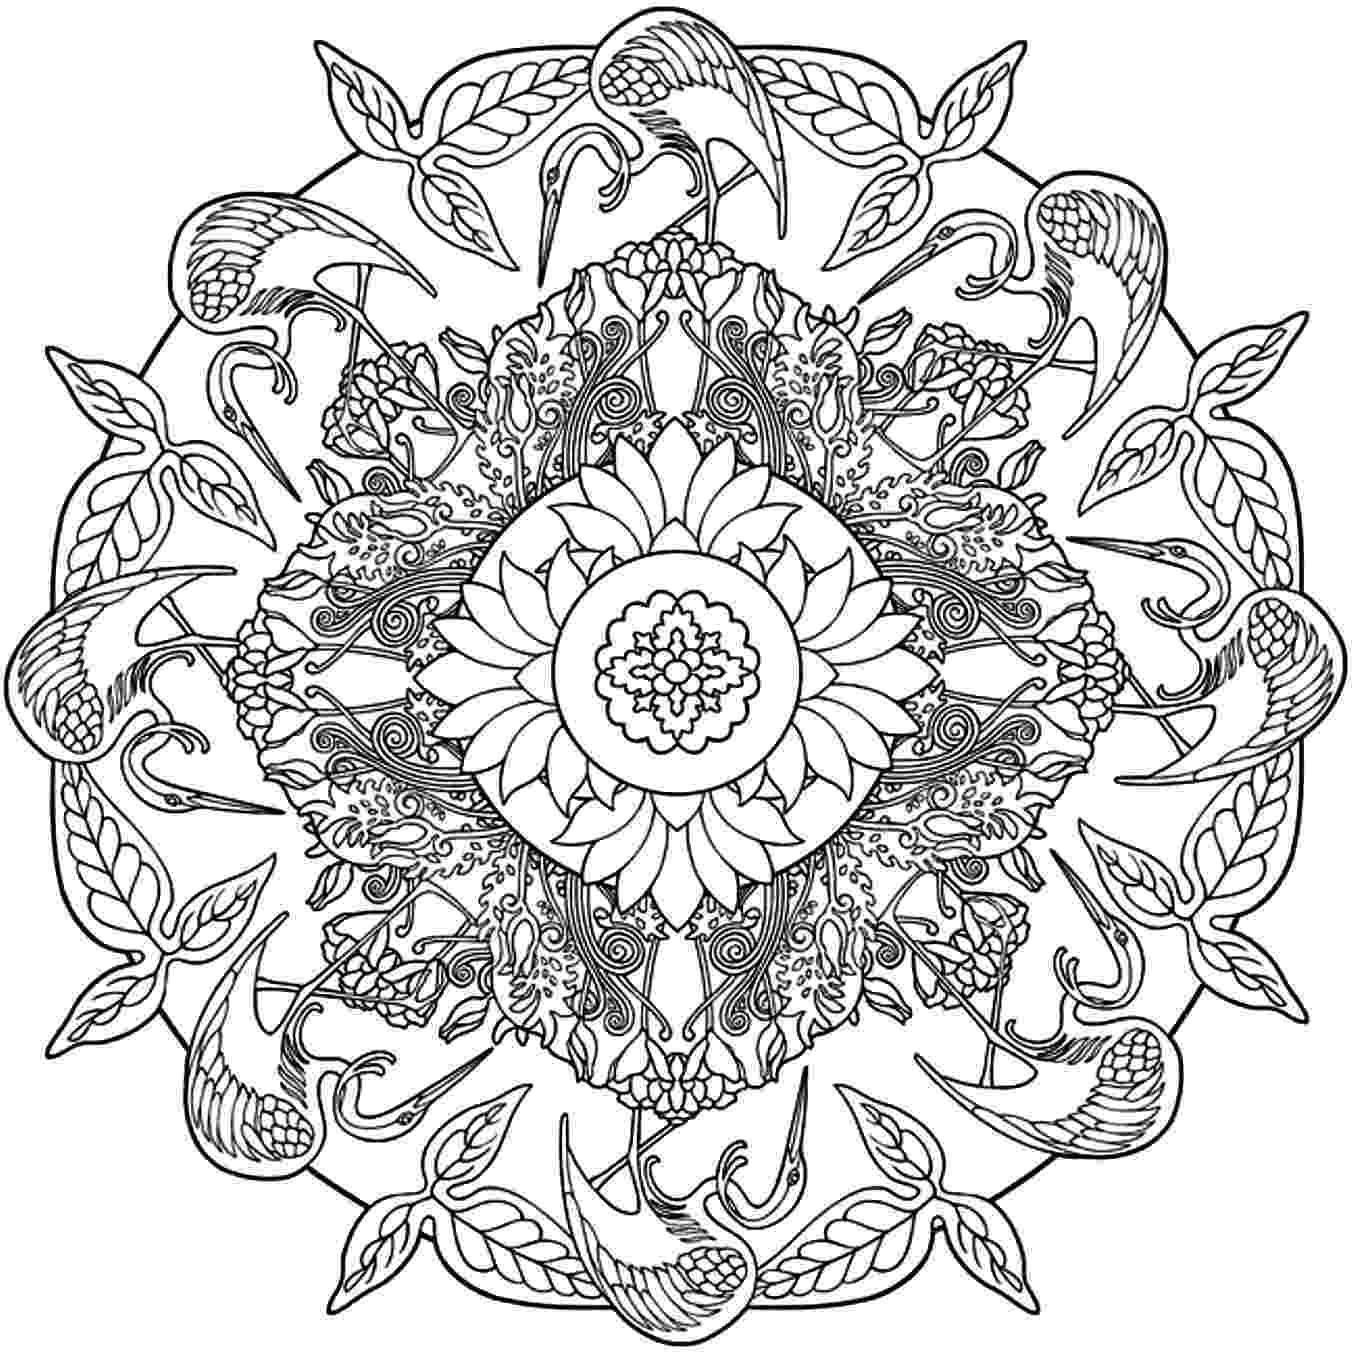 free mandala coloring flower mandala coloring pages best coloring pages for kids free mandala coloring 1 1